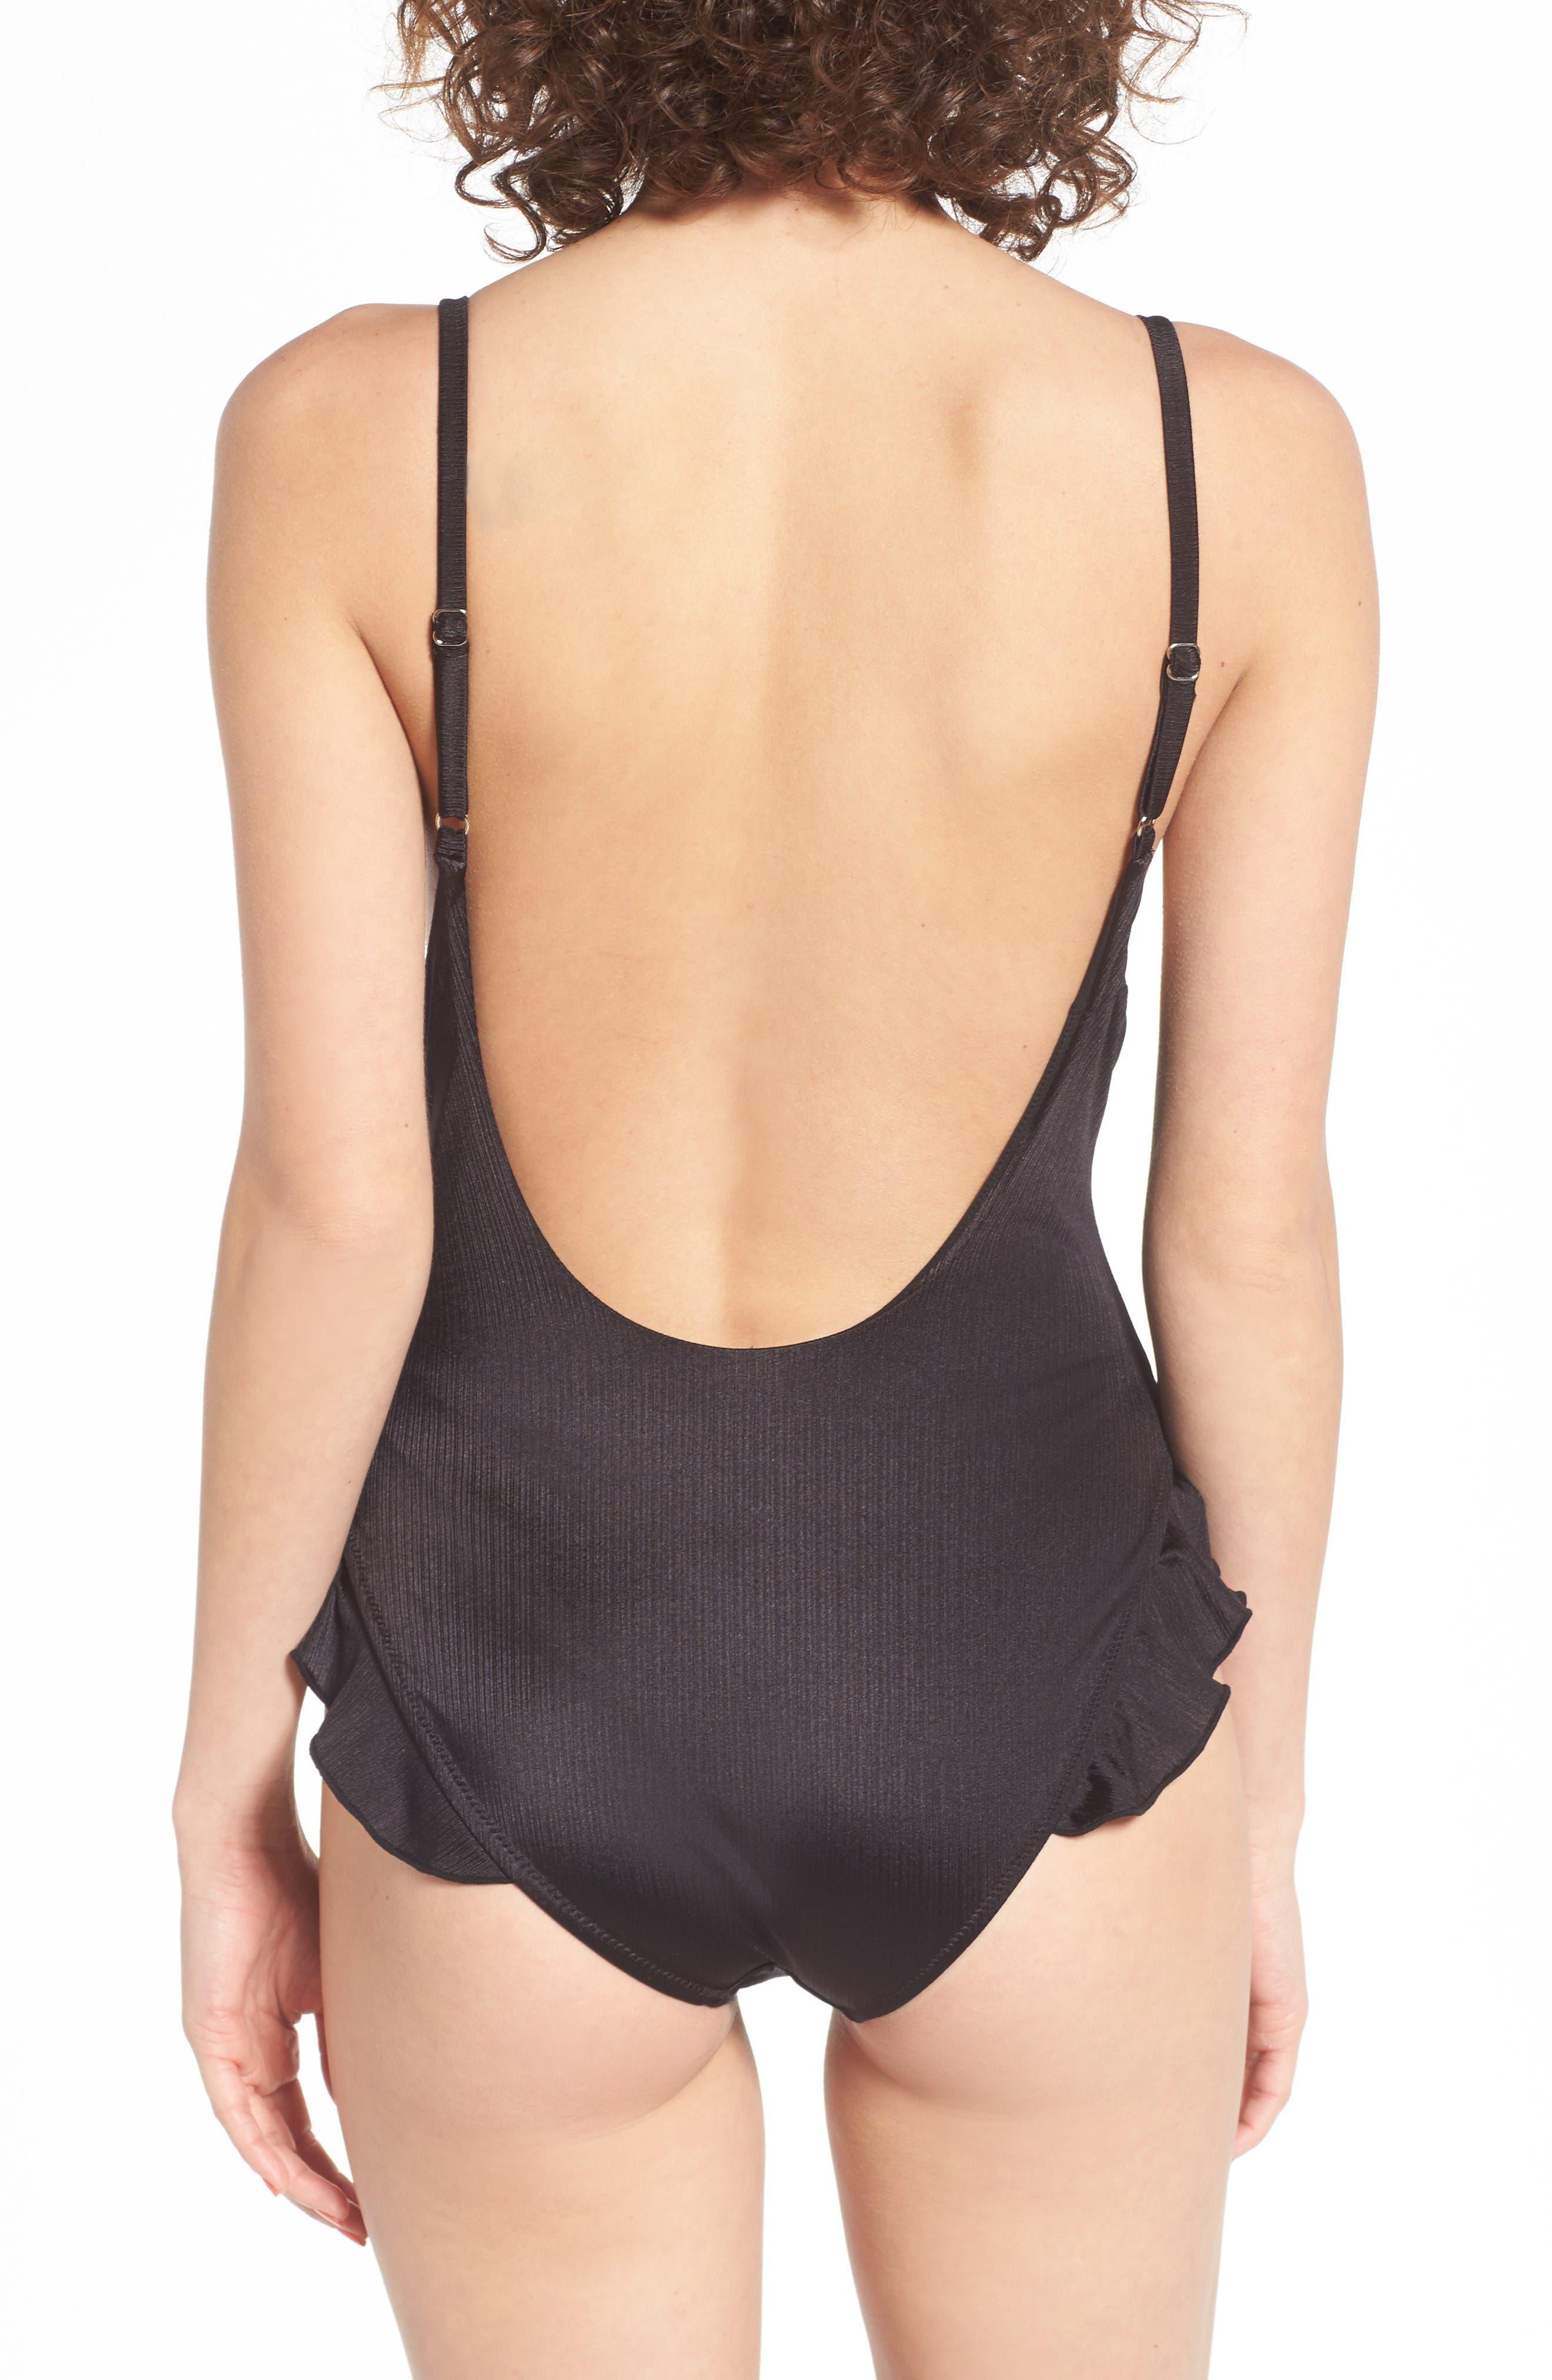 Alternate Image 3  - Lira Clothing Faith One-Piece Swimsuit